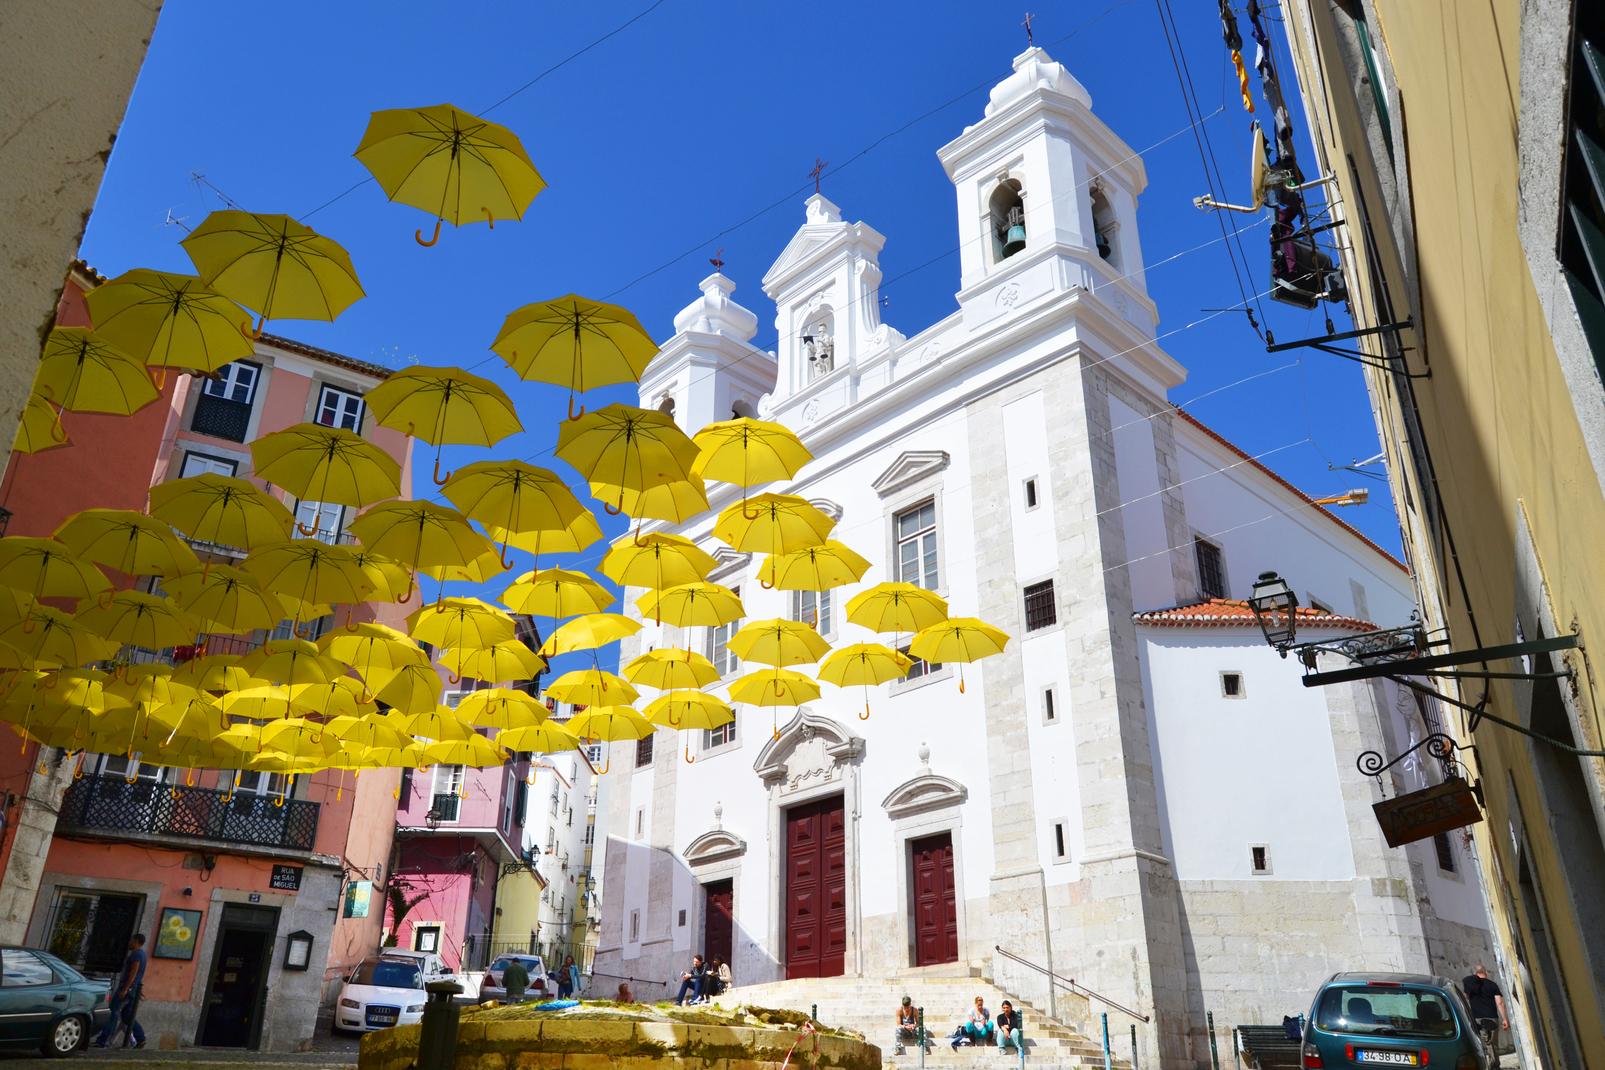 Umbrella Sky Project - Alfama'14